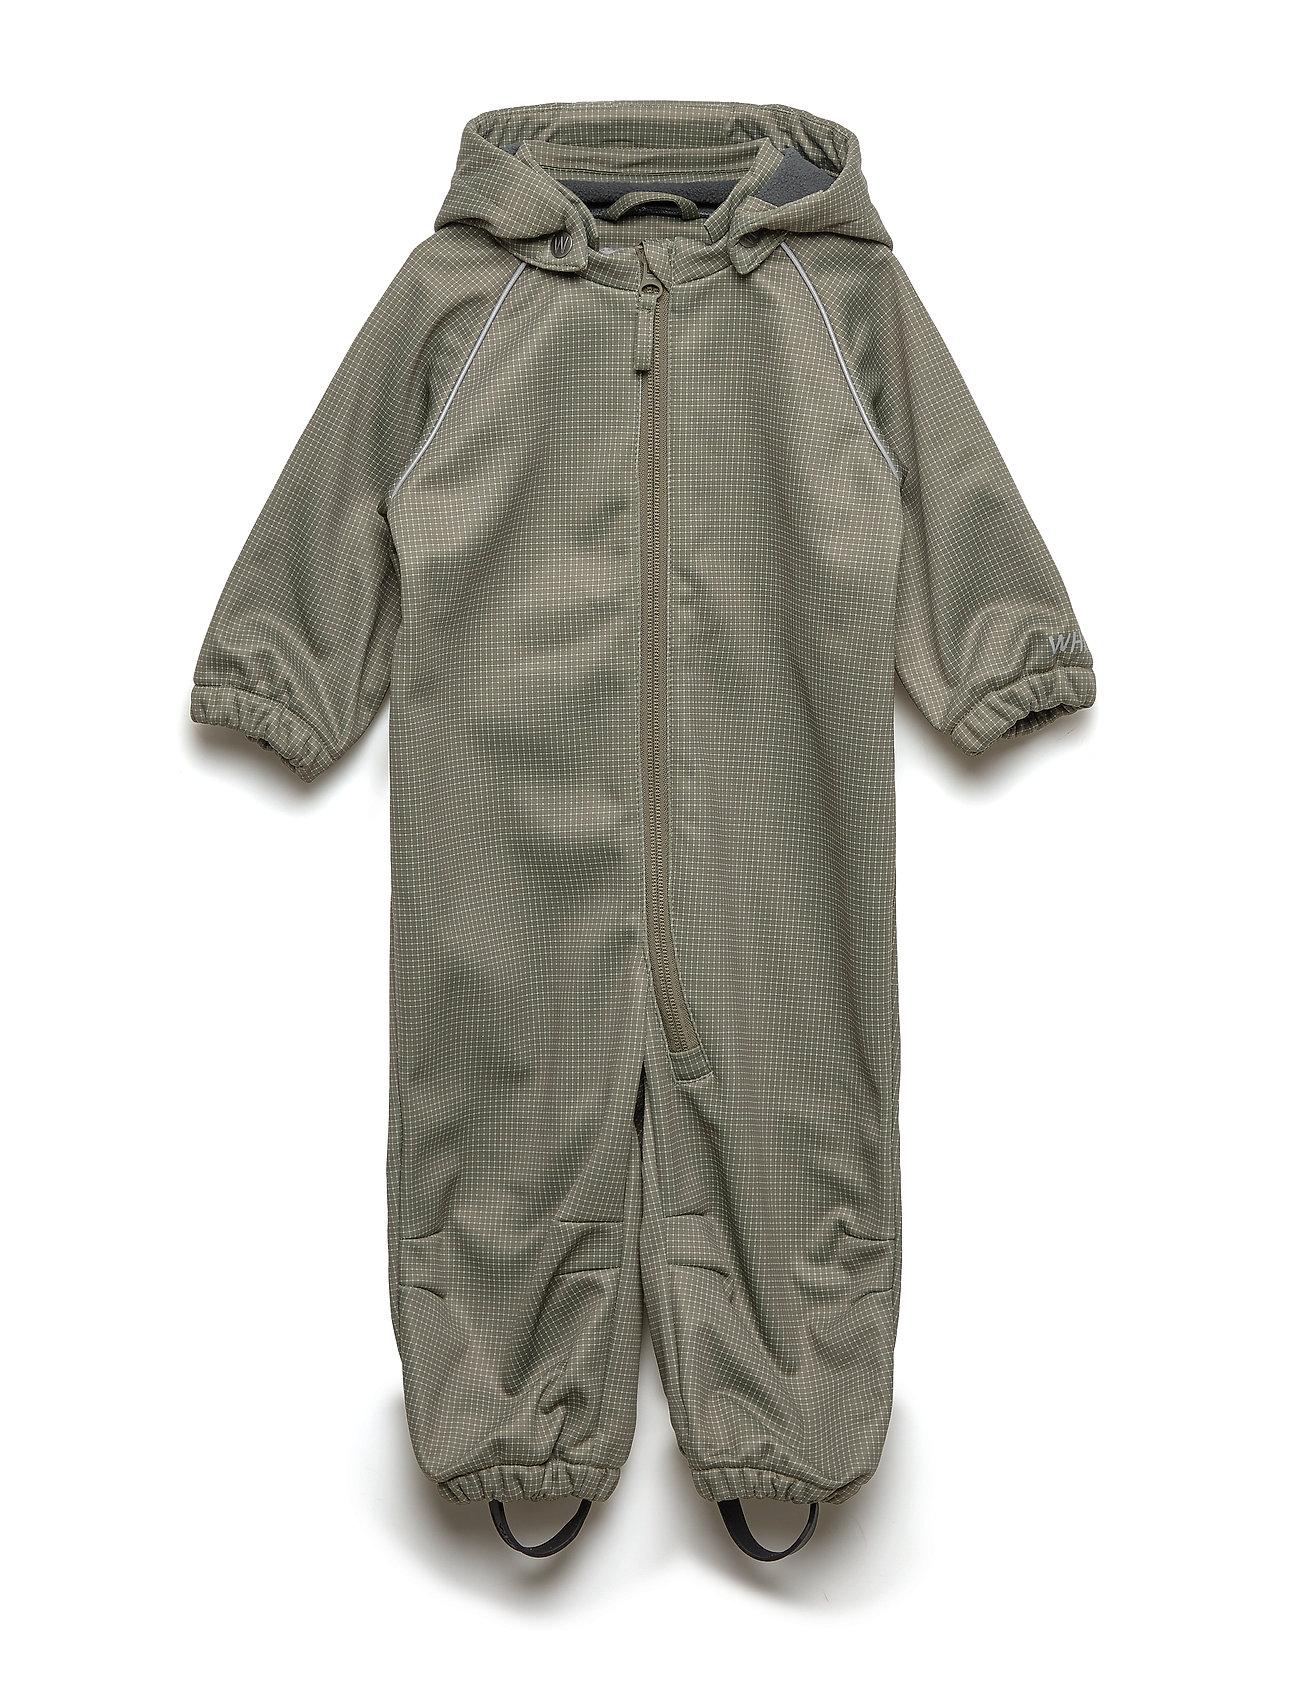 Wheat Softshell suit - ARMY LEAF